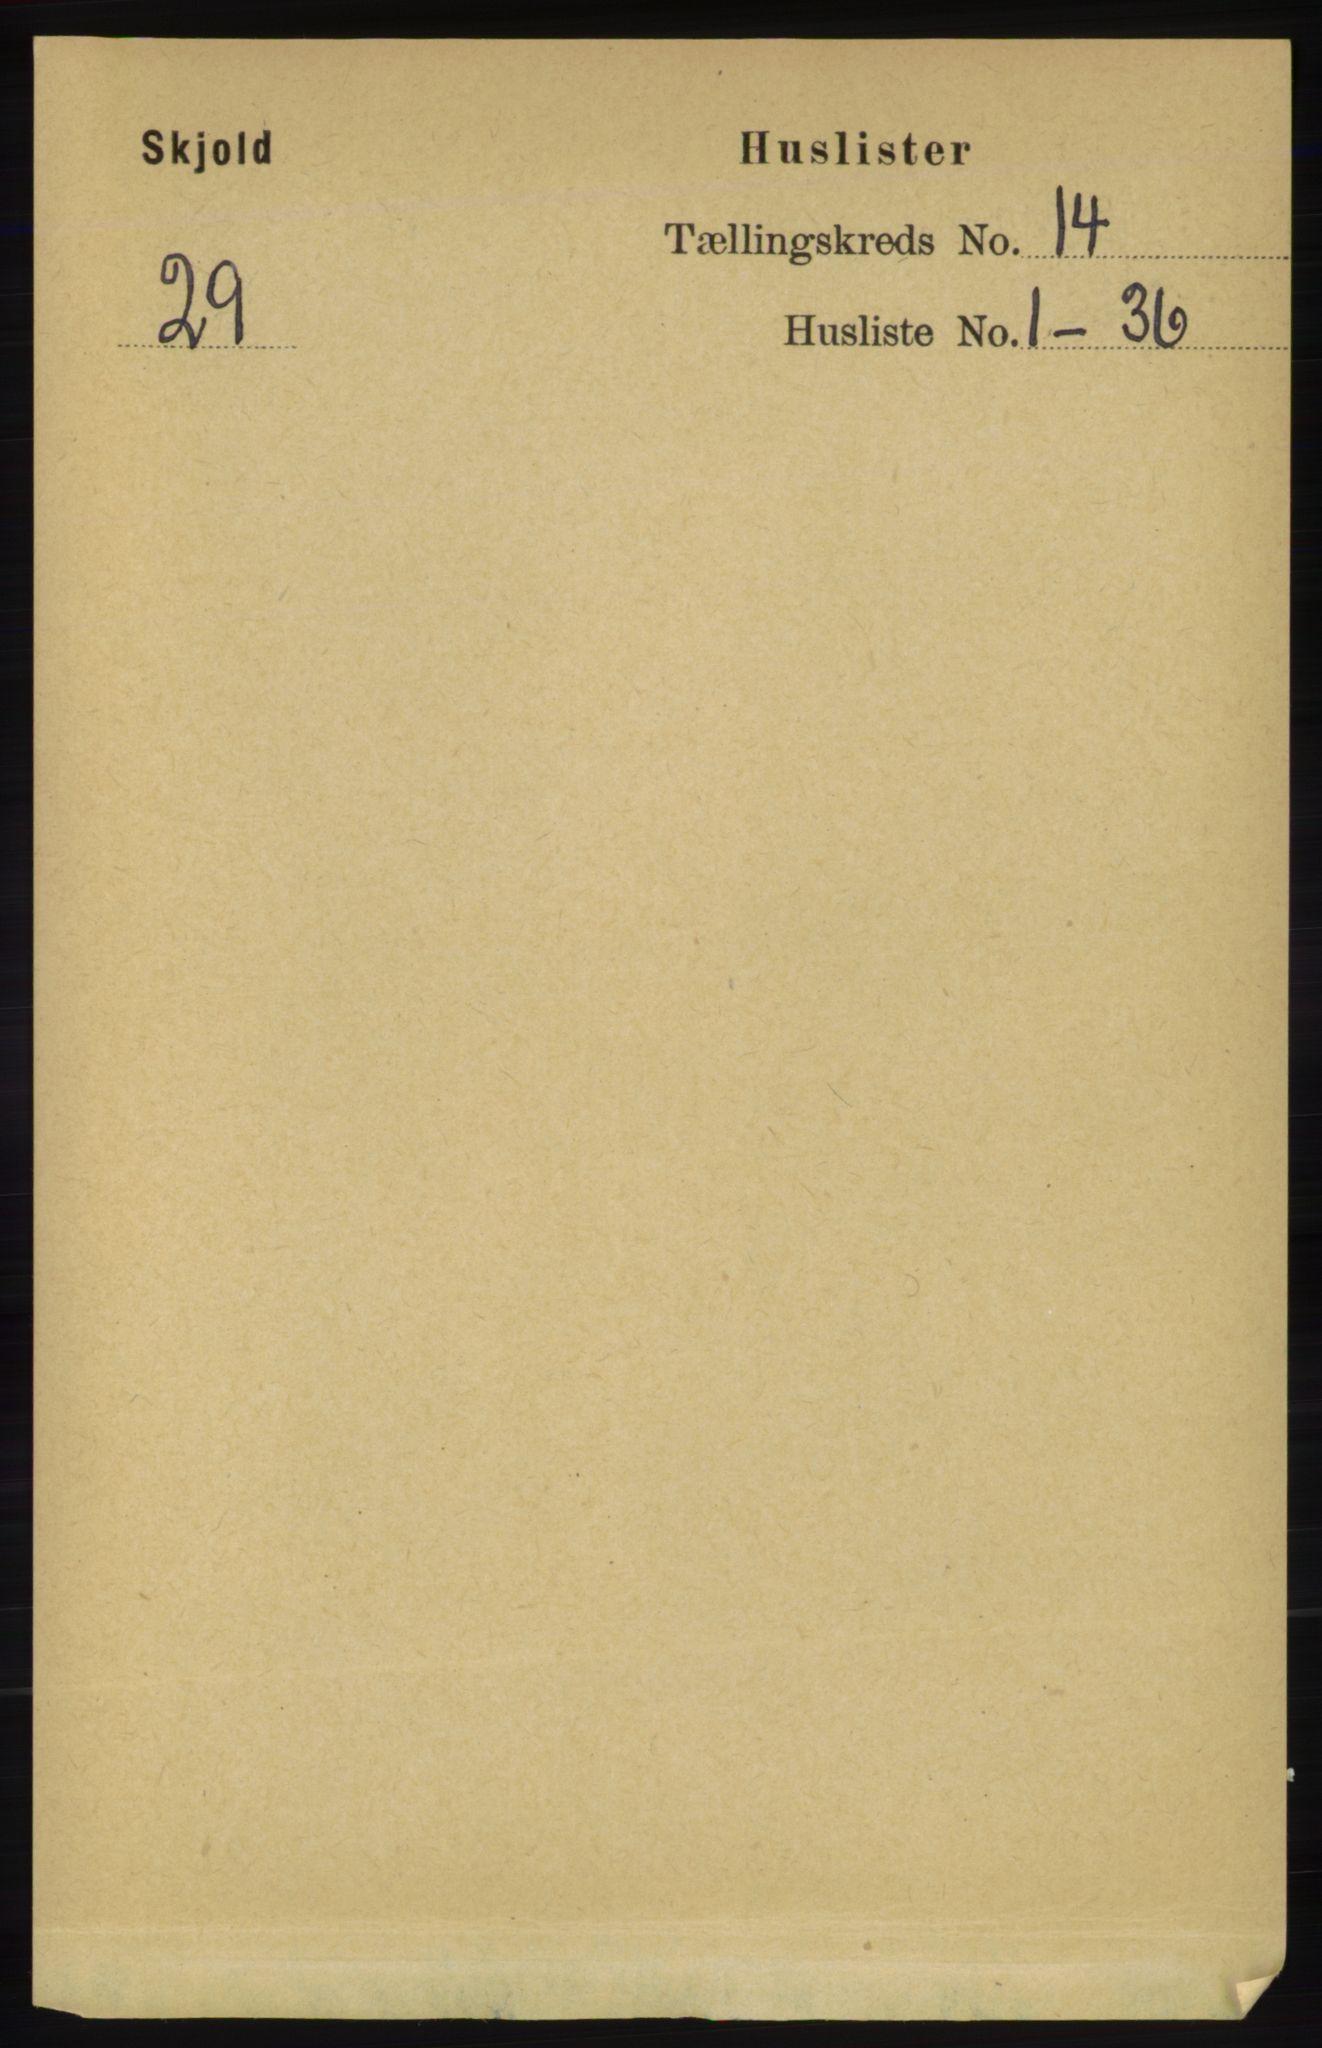 RA, Folketelling 1891 for 1154 Skjold herred, 1891, s. 2528